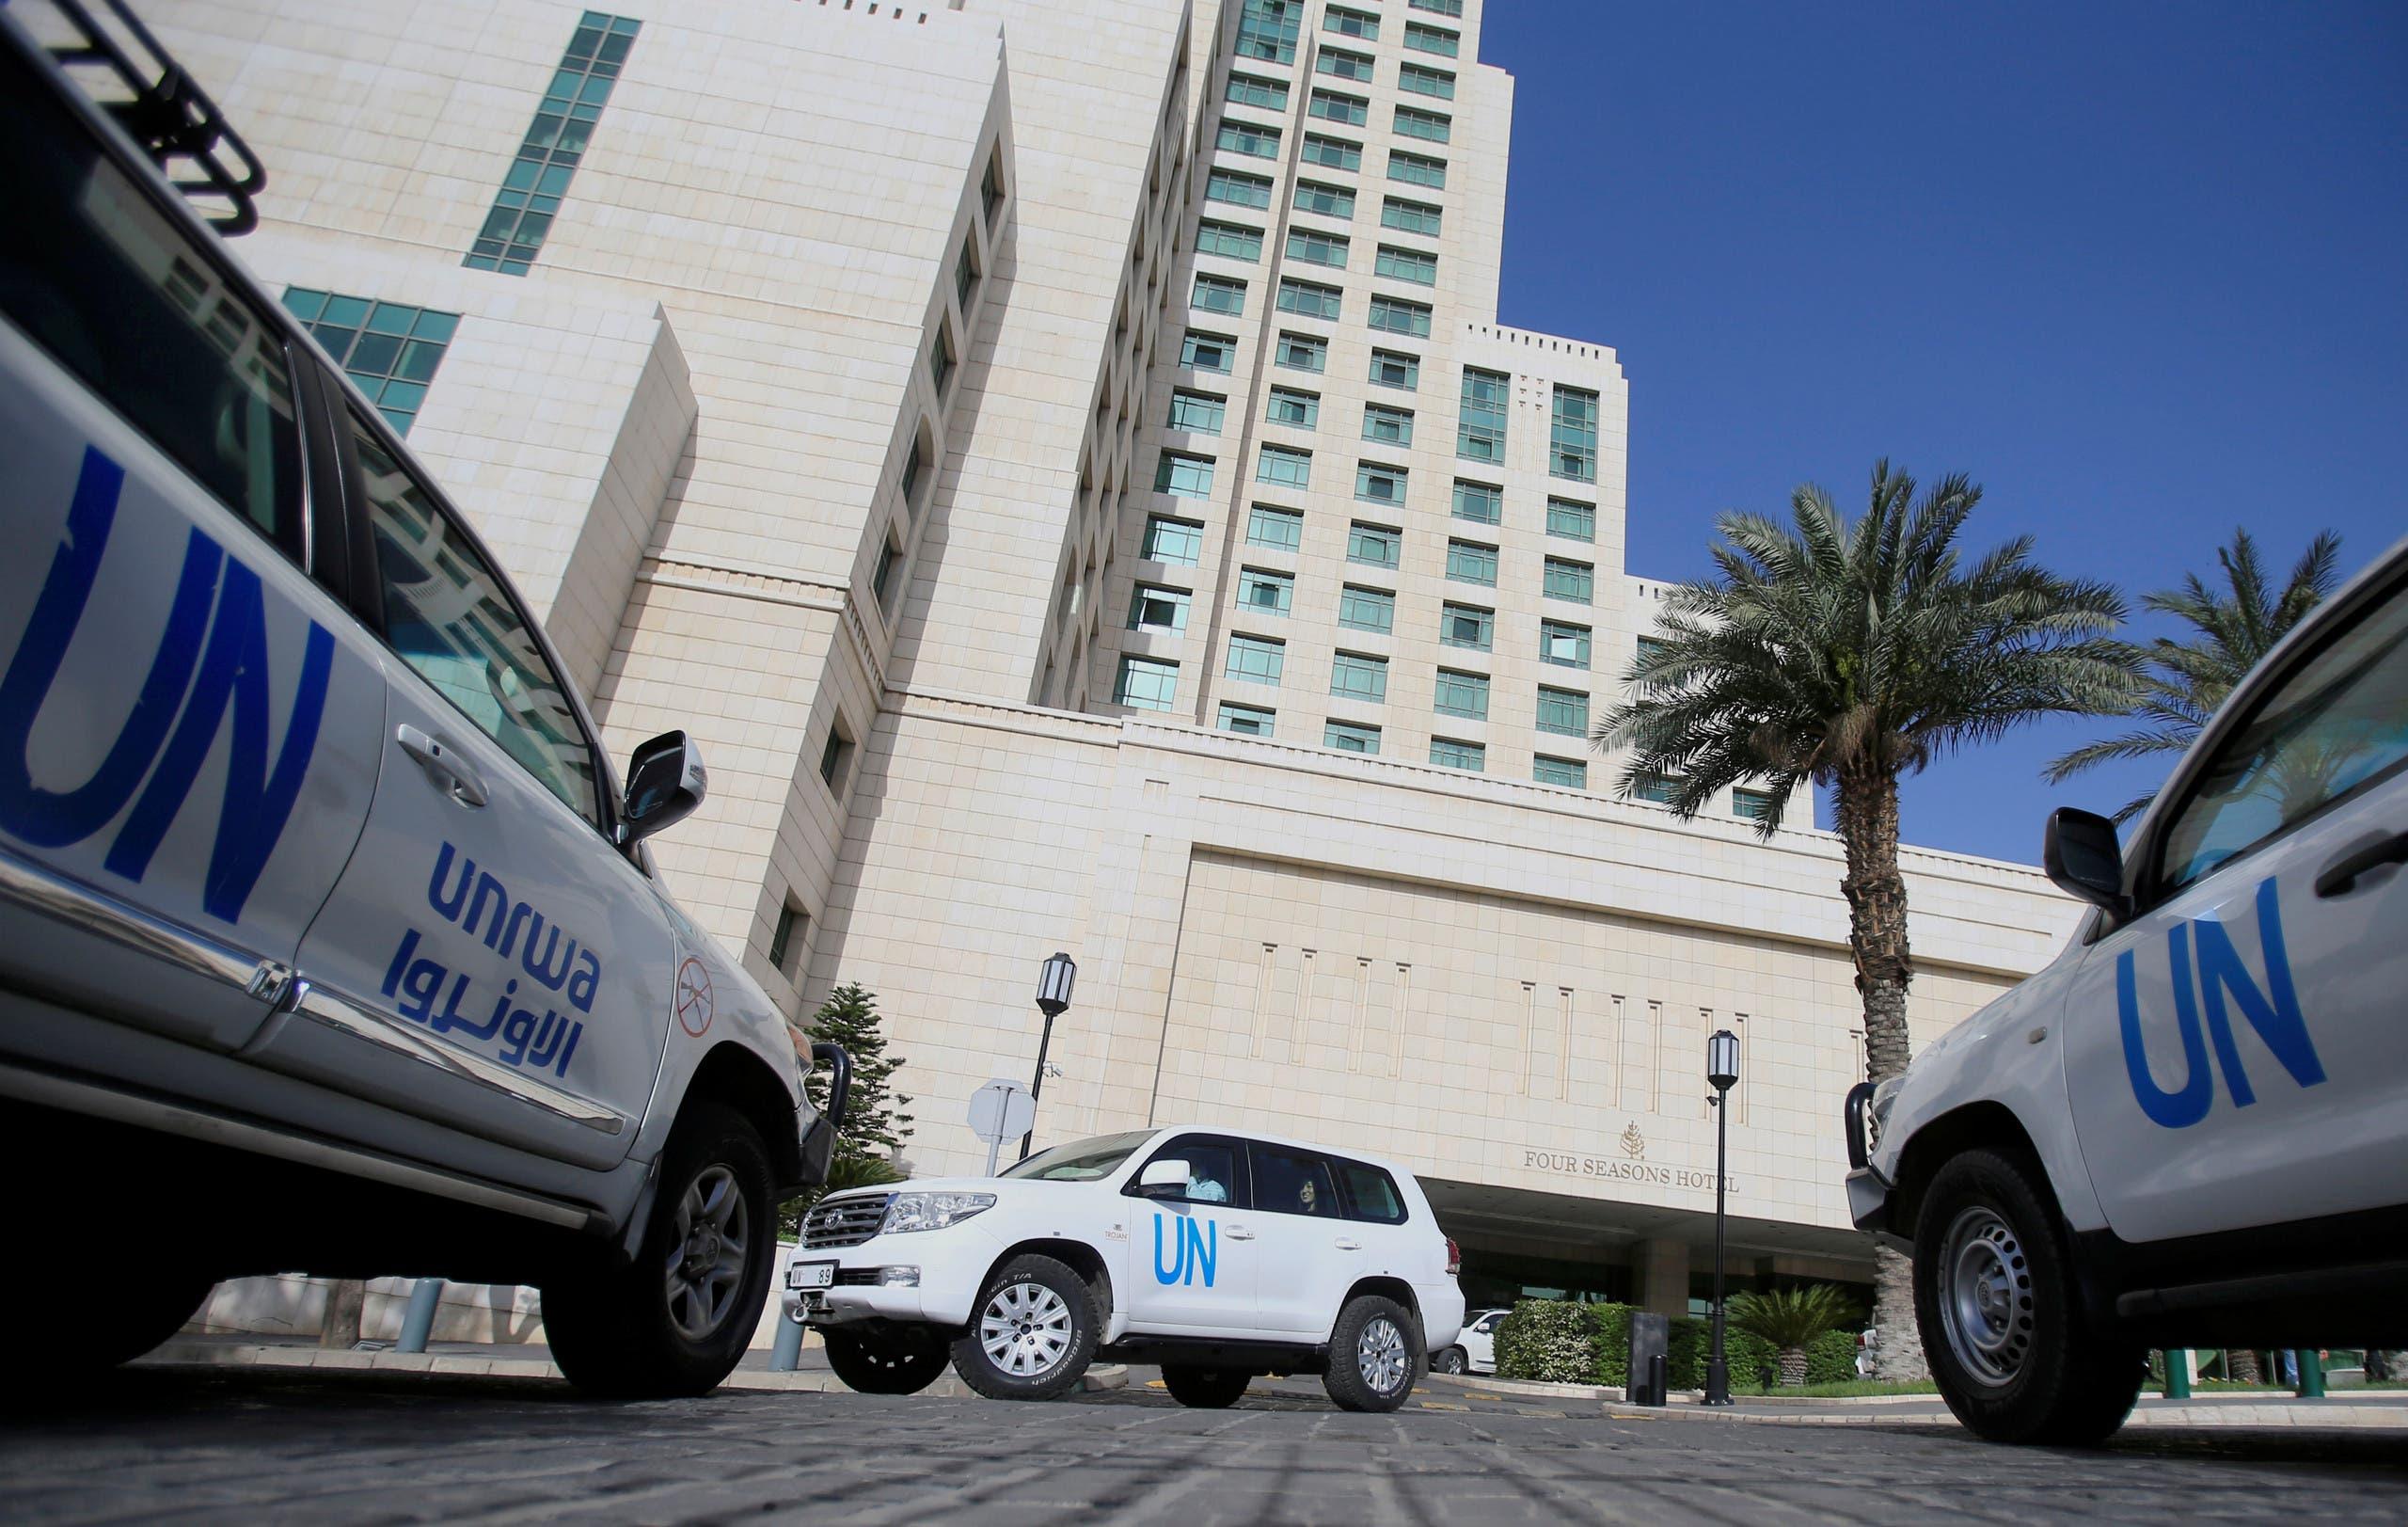 حافلات الأمم المتحدة أقلت خبراء منظمة حظر الأسلحة الكيمياوية في دمشق قبل سنوات